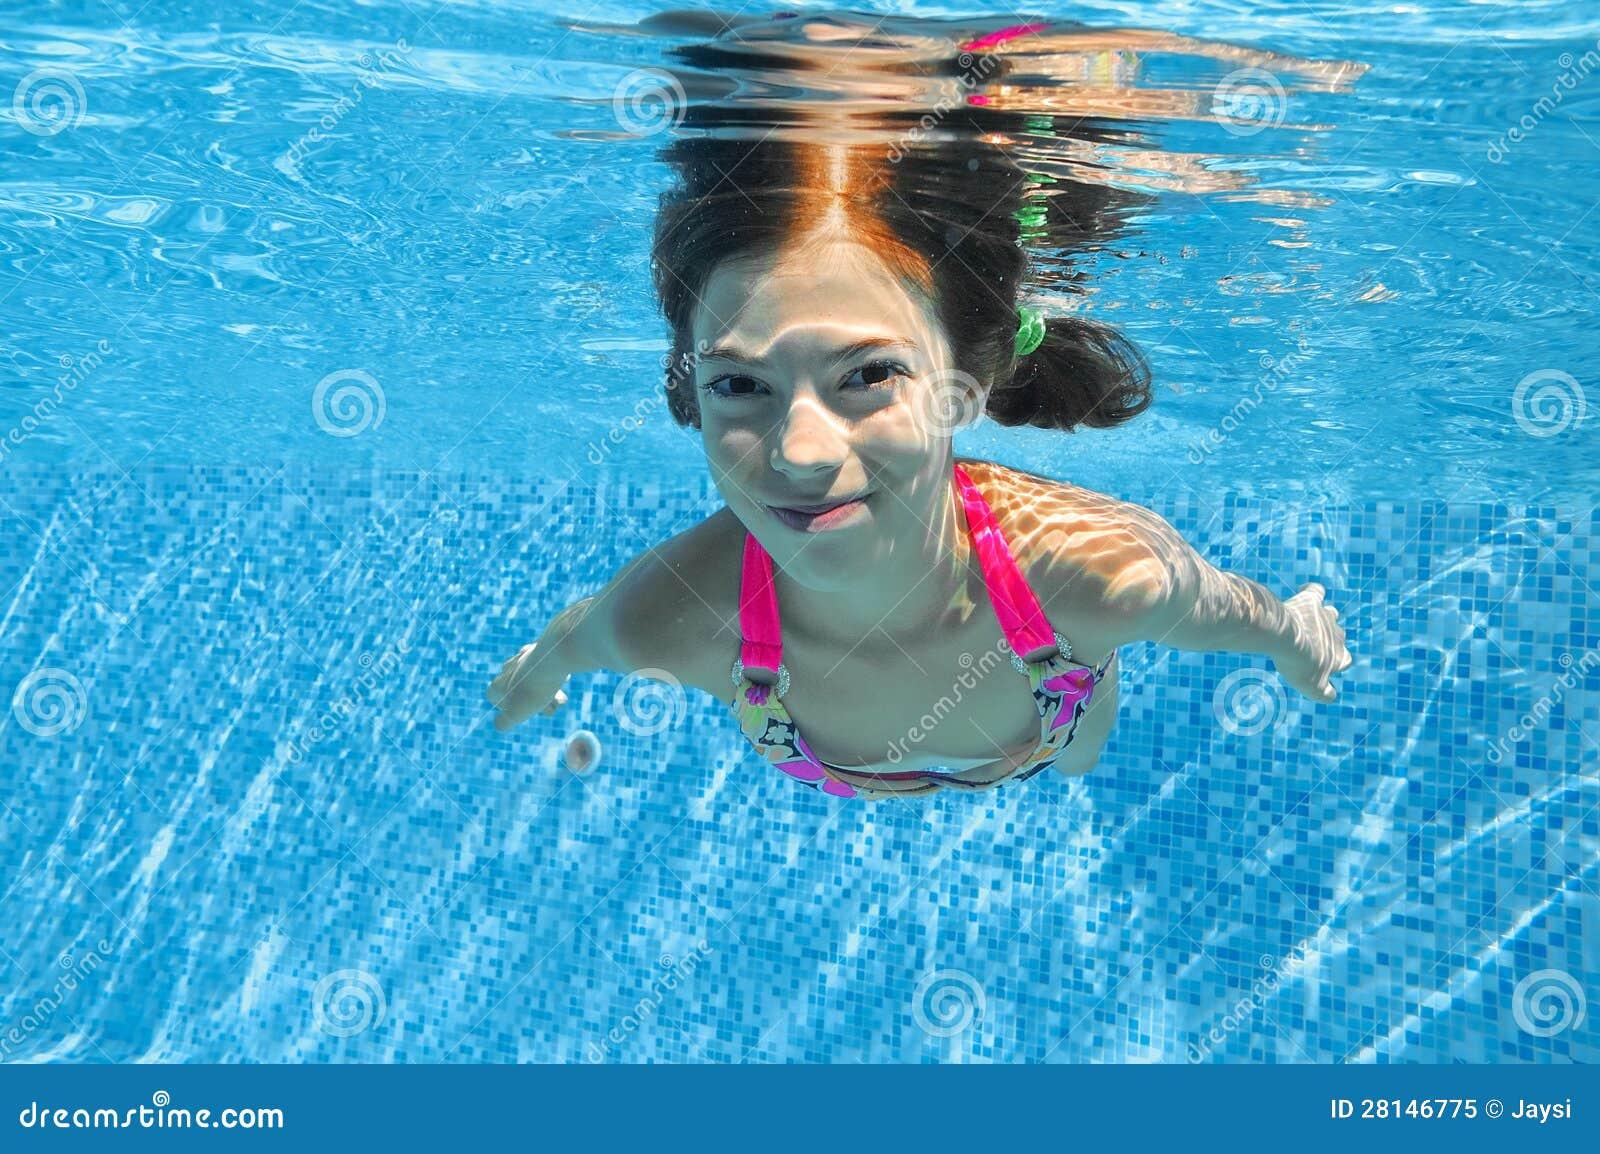 child swimming underwater - photo #43